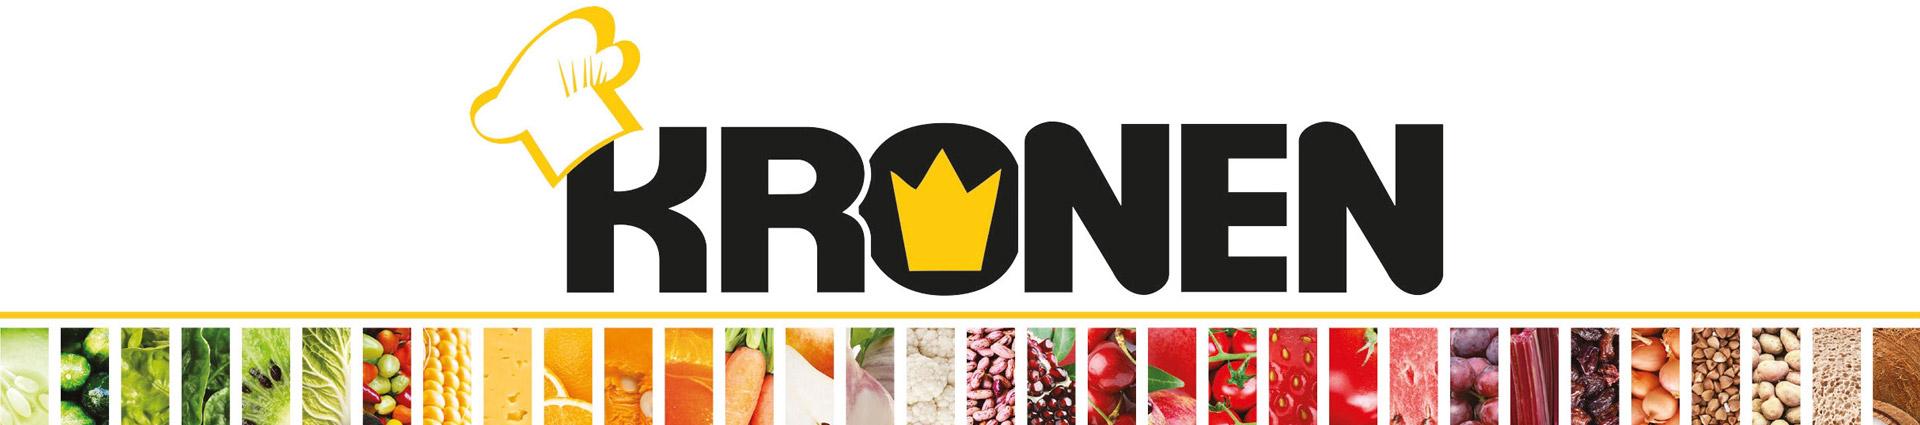 Kronen Küchengeräte Banner mit Logo